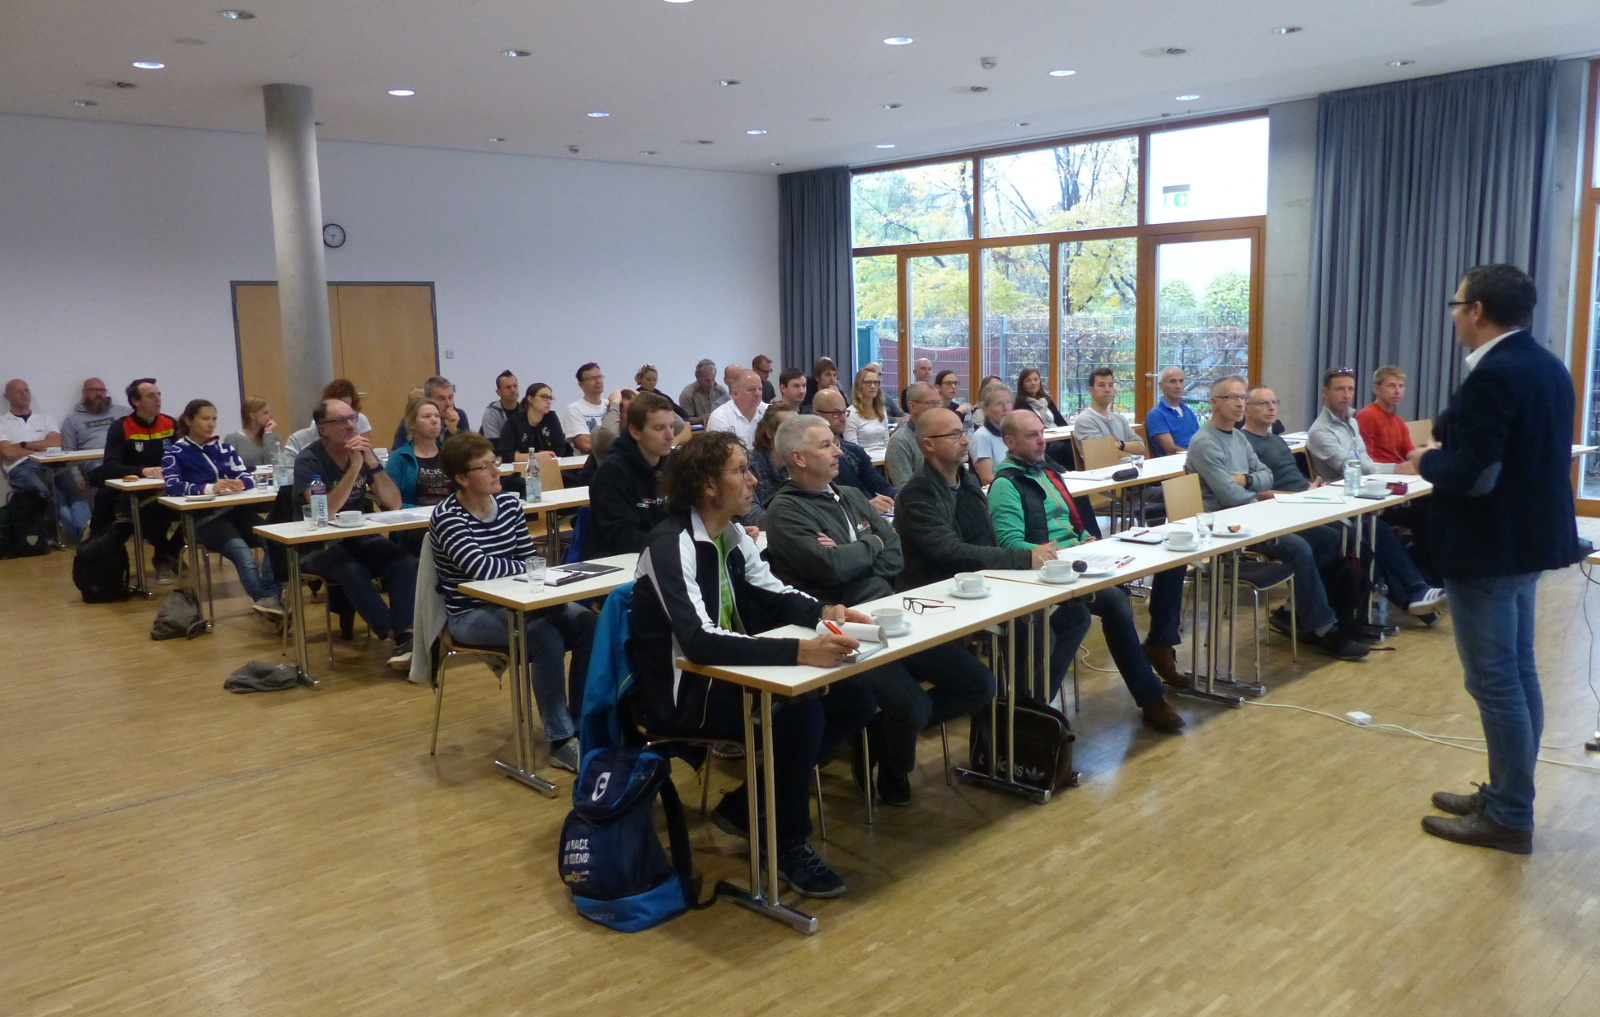 Interessiert folgten knapp 50 Trainerinnen und Trainer gestern im Rahmen der Leistungssportkonferenz des BWTV den Vorträgen der Referenten. (Foto: Peter Mayerlen)